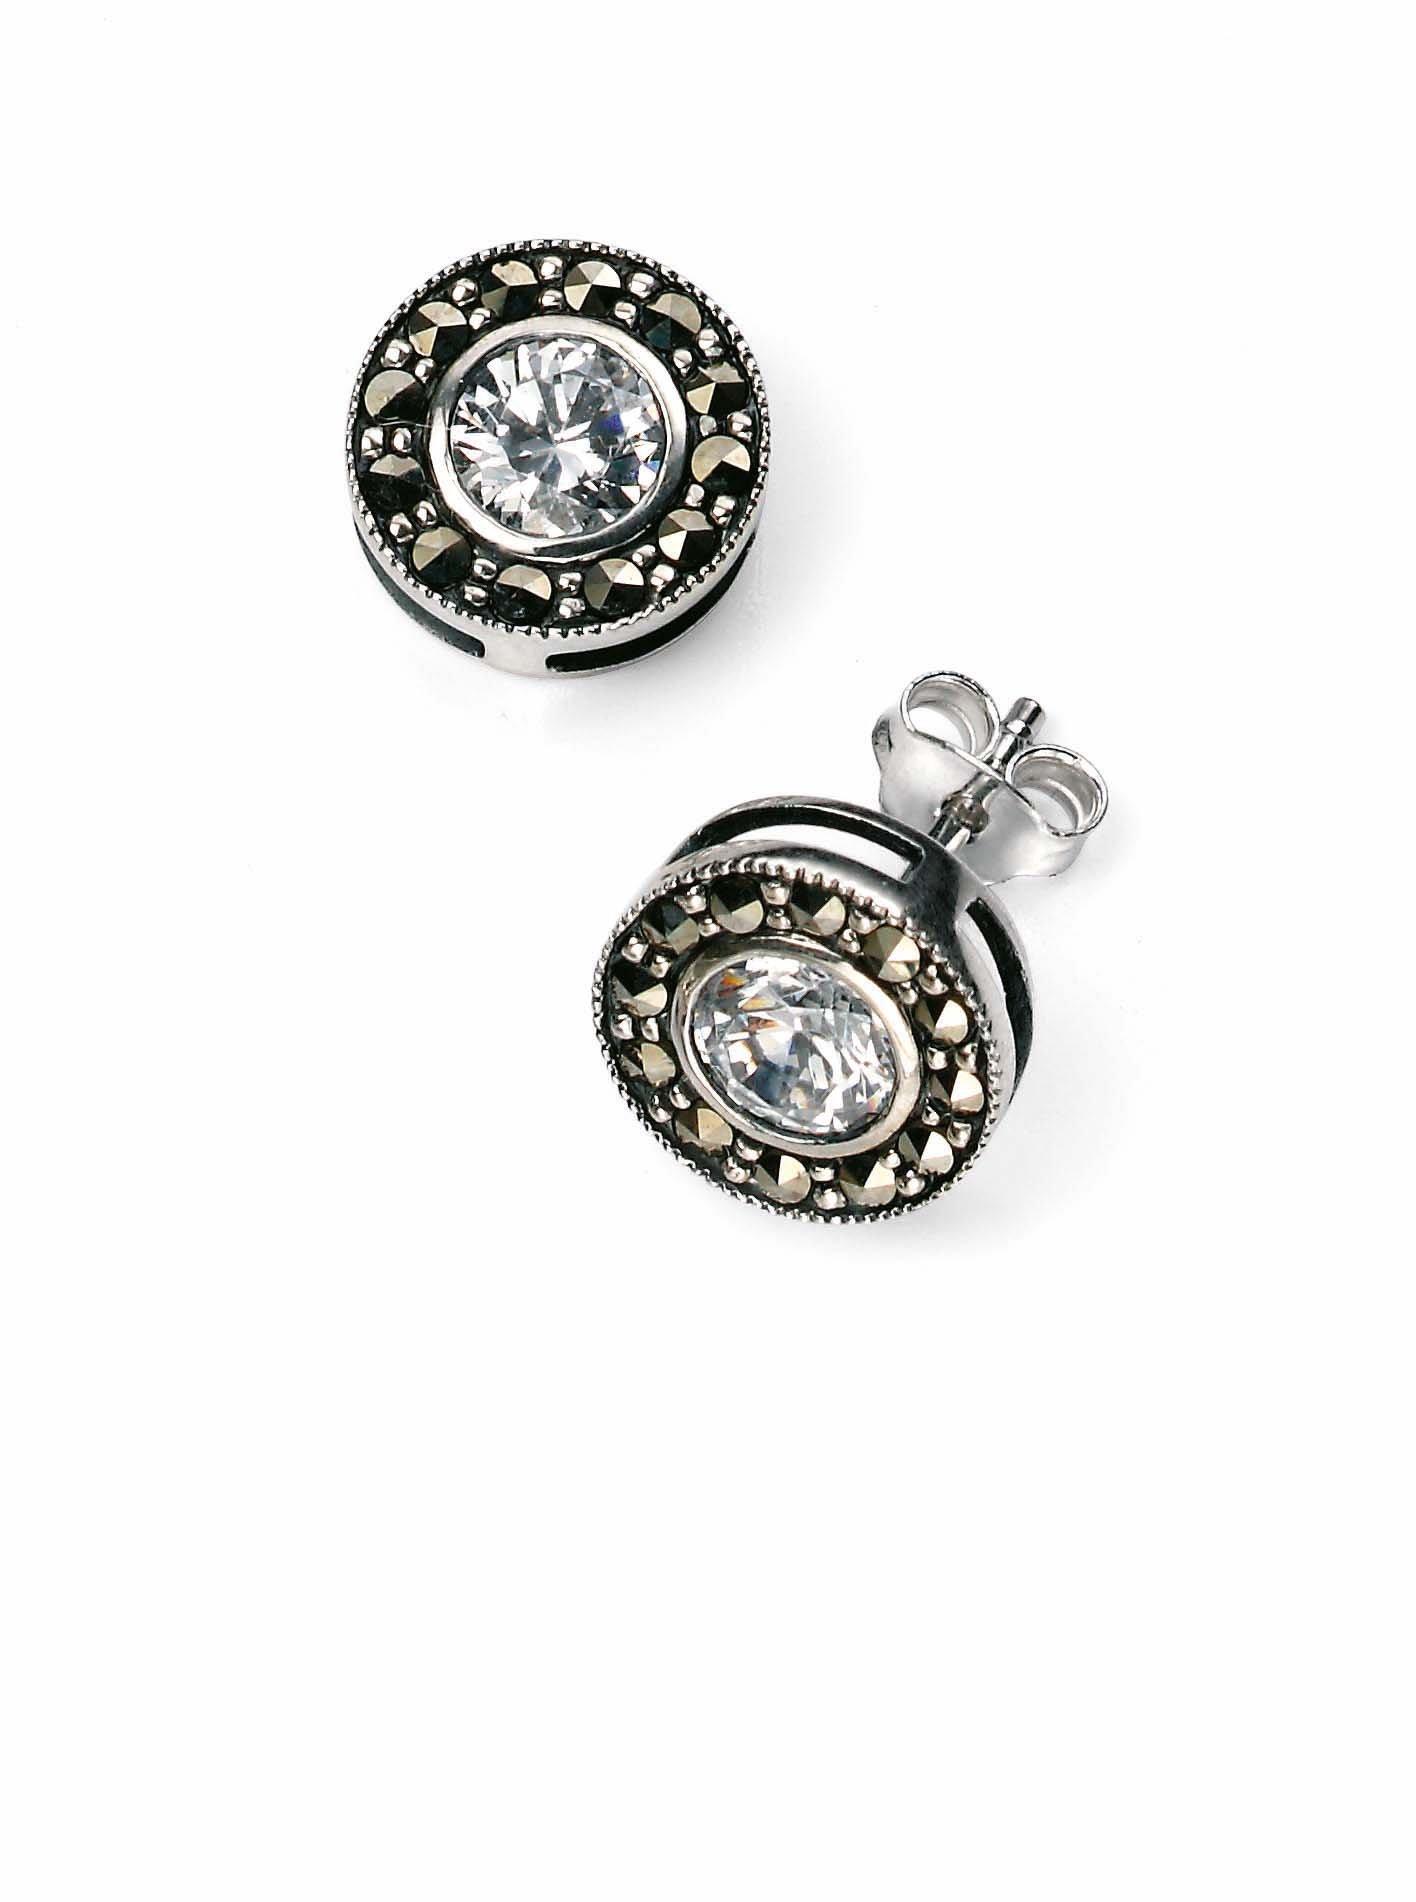 Elements Silver - Orecchini pendenti da donna con marcasite e zirconia, argento sterling 925, cod.